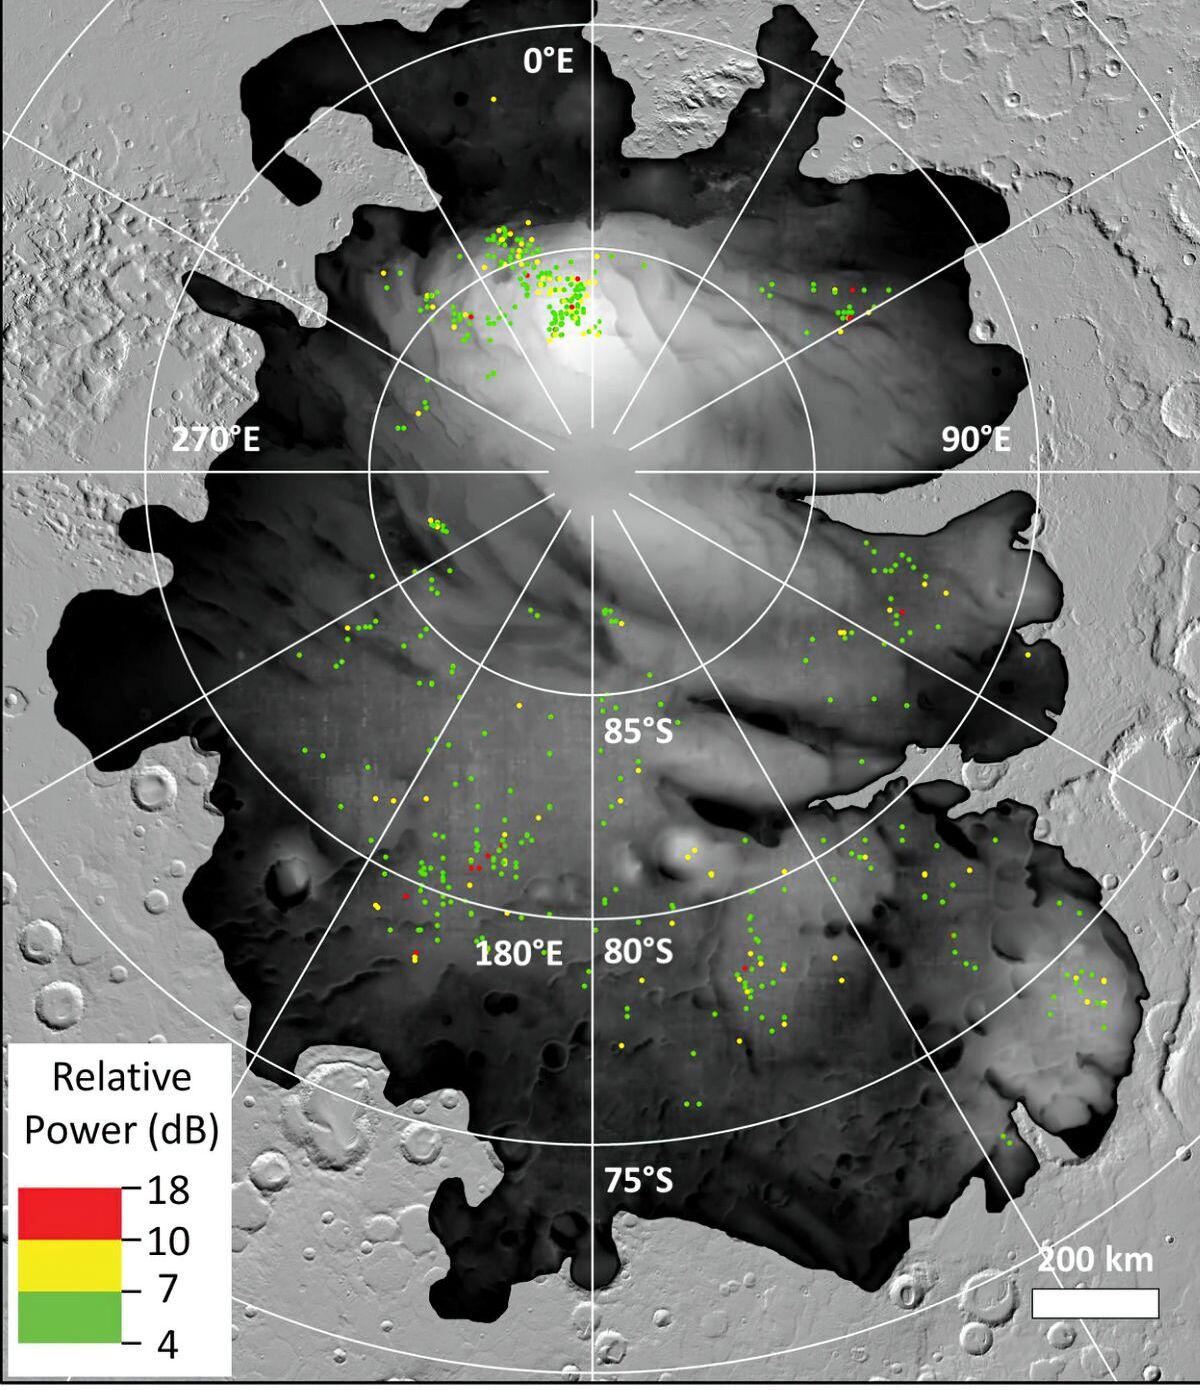 Os pontos coloridos representam locais onde a sonda Mars Express da ESA detectou reflexos brilhantes na calota polar sul de Marte